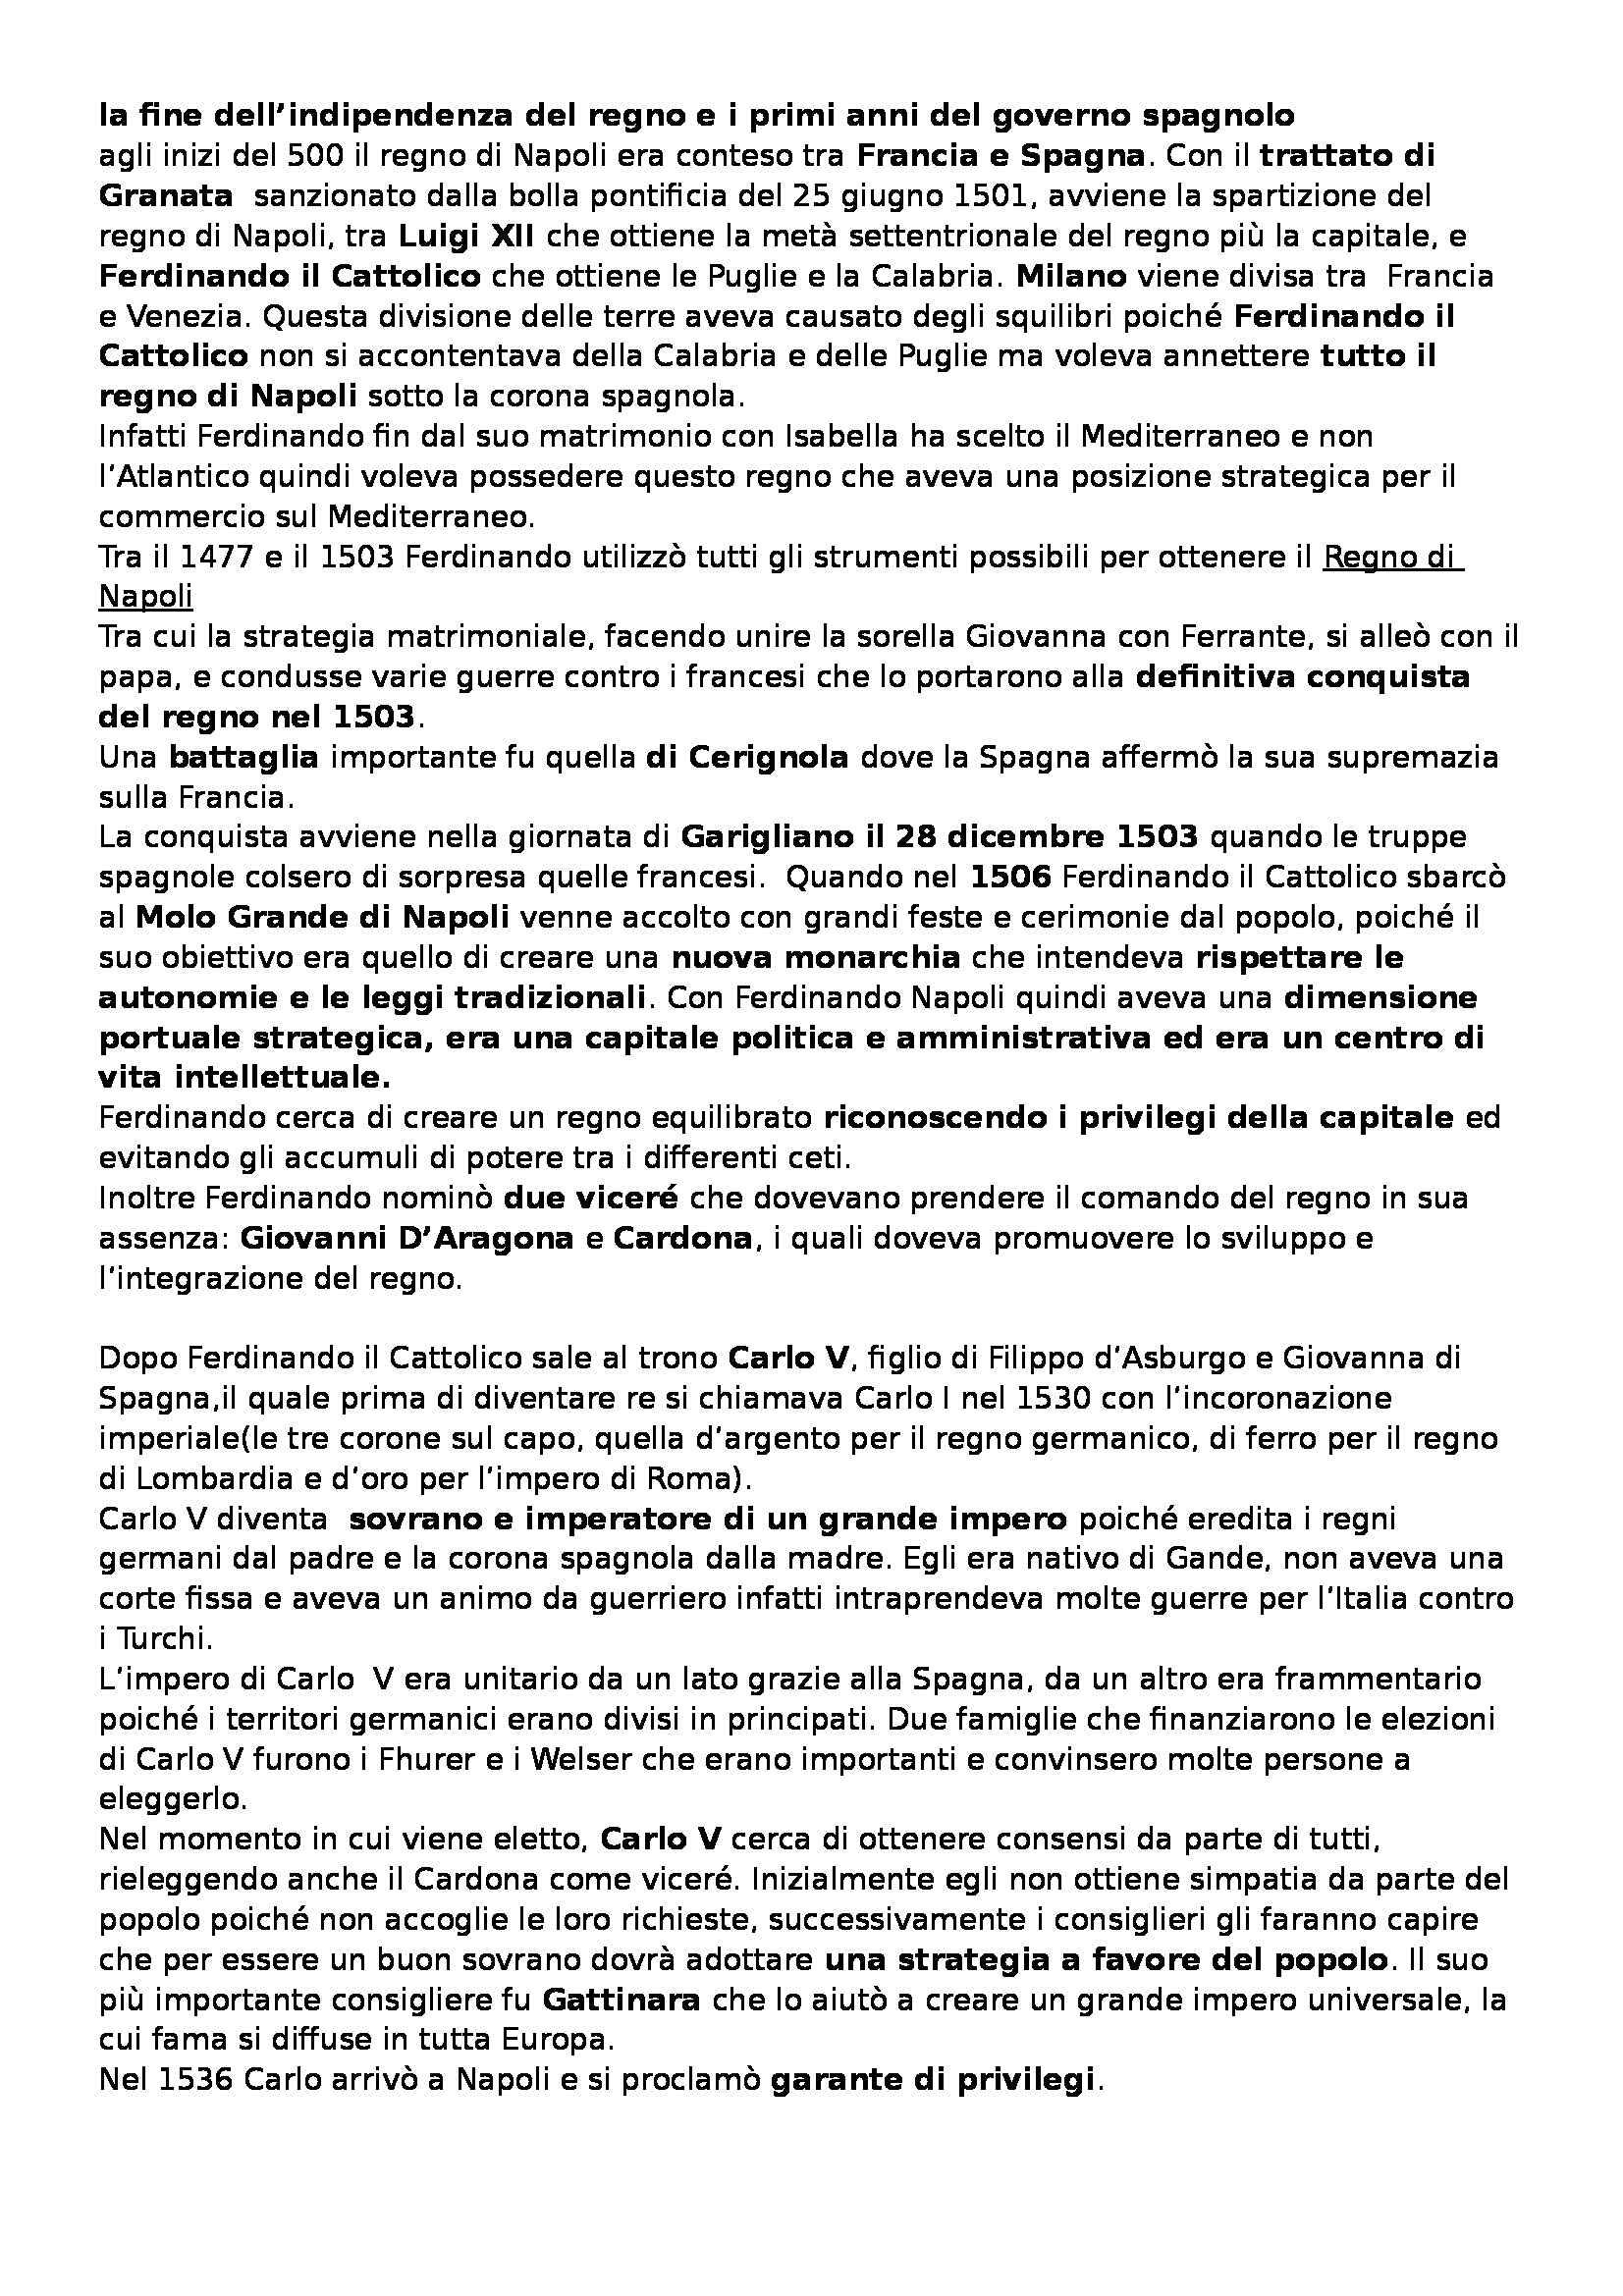 Storia moderna - il regno di Napoli dal 1500 al 1600